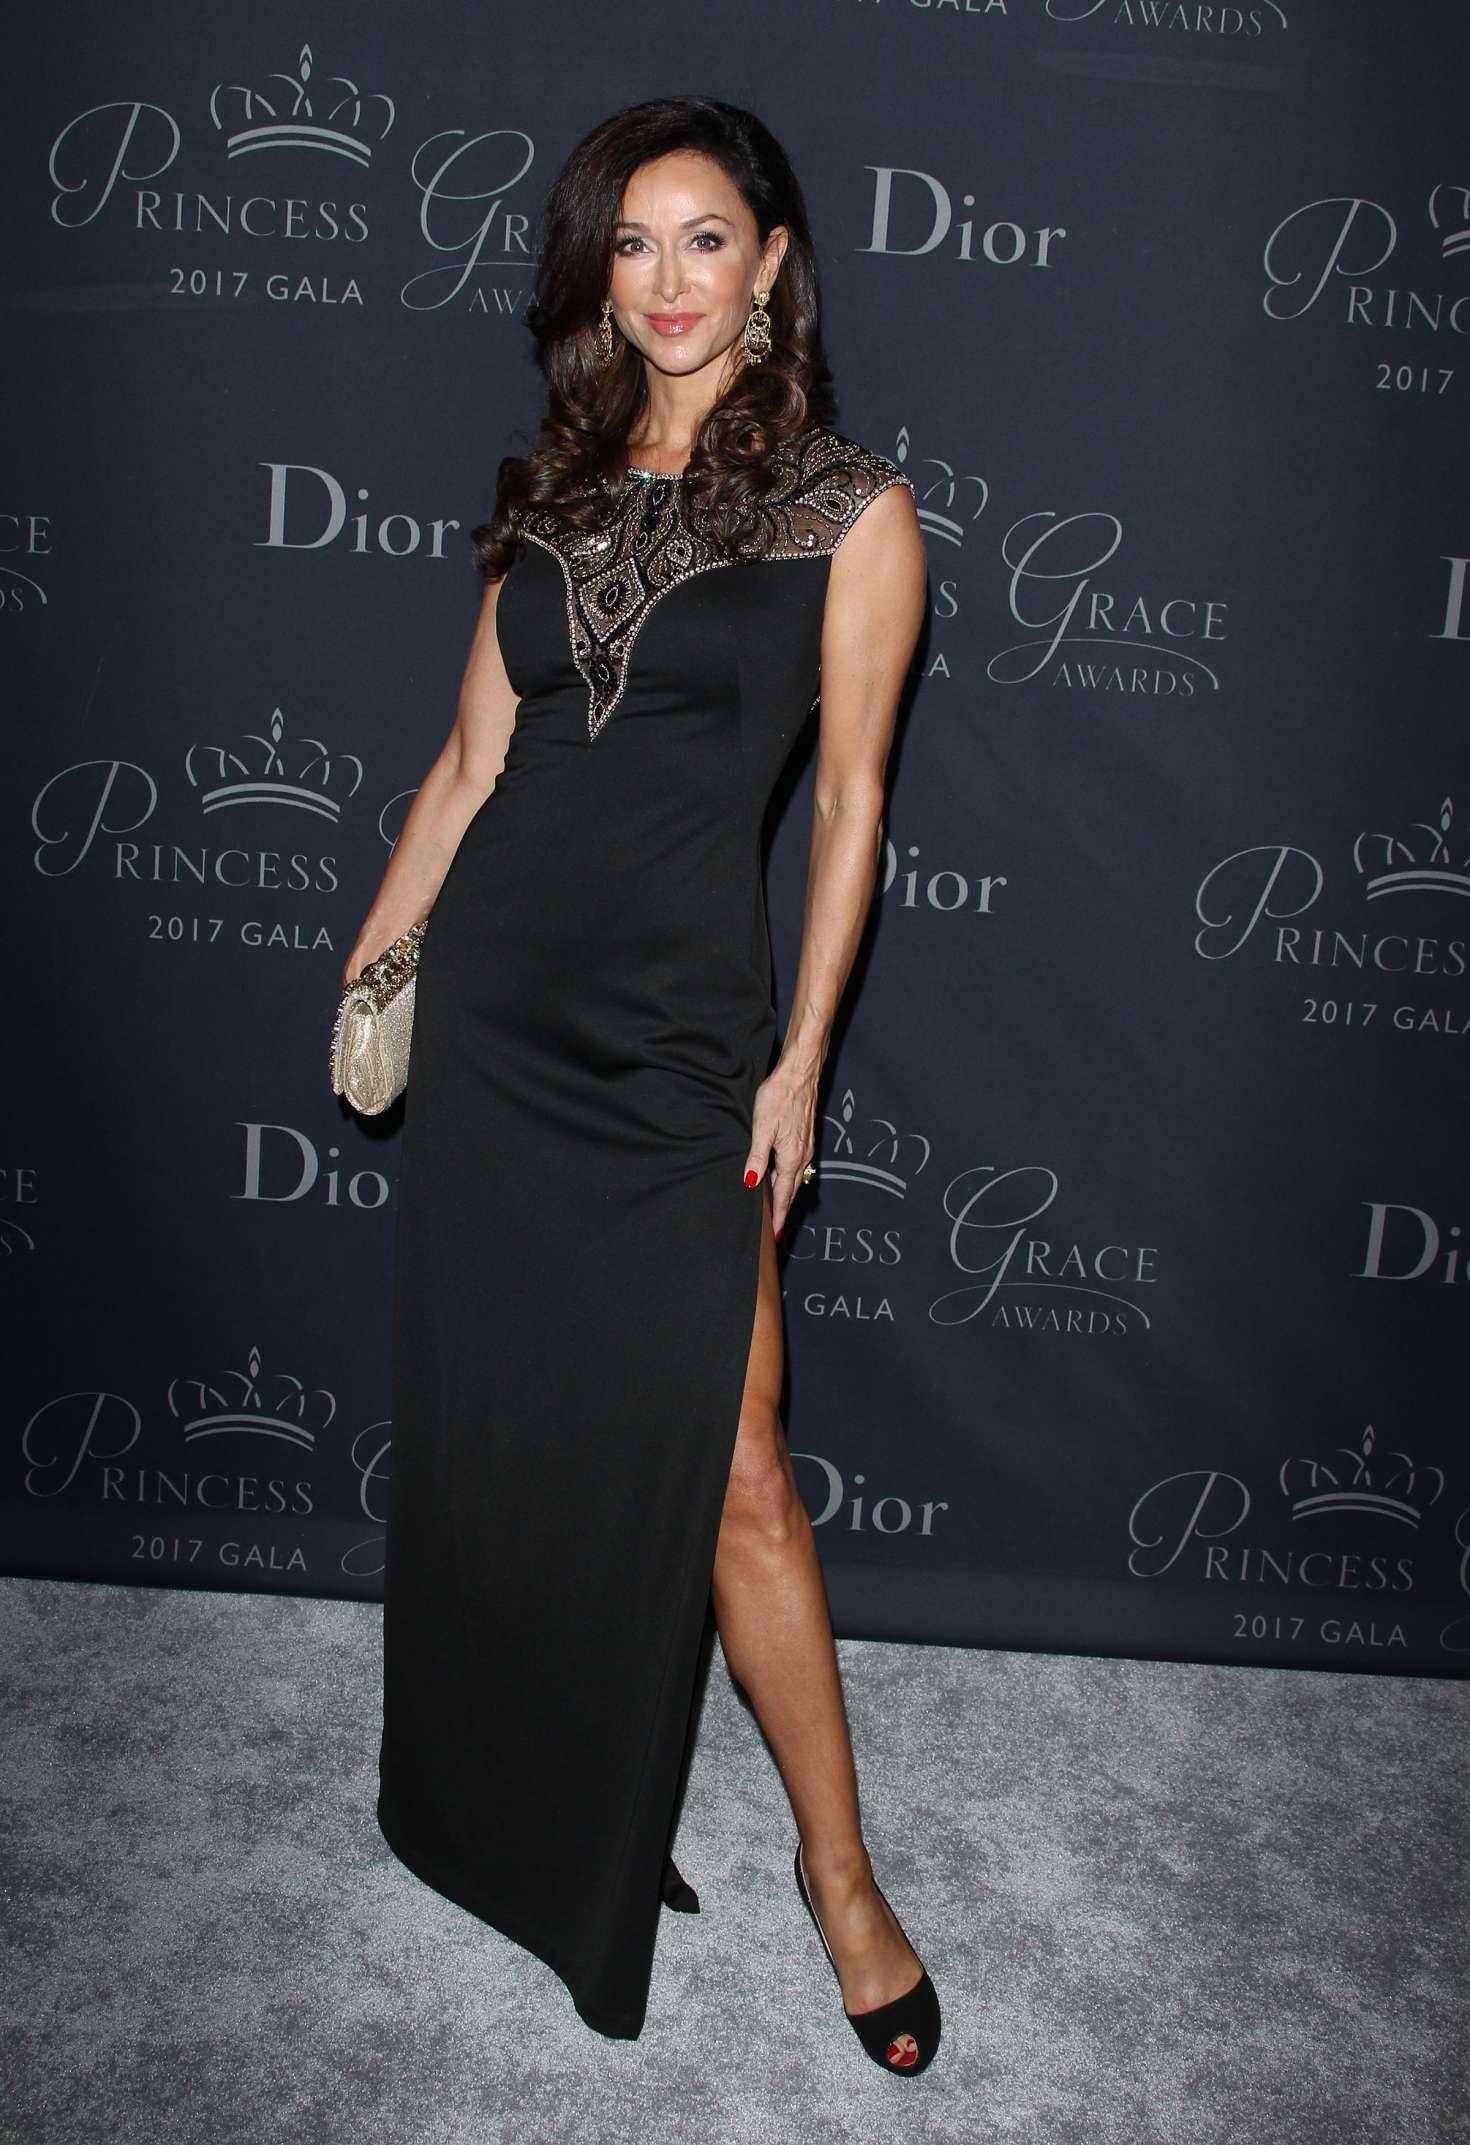 Sofia Milos 2017 : Sofia Milos: Princess Grace Awards Gala 2017 -13